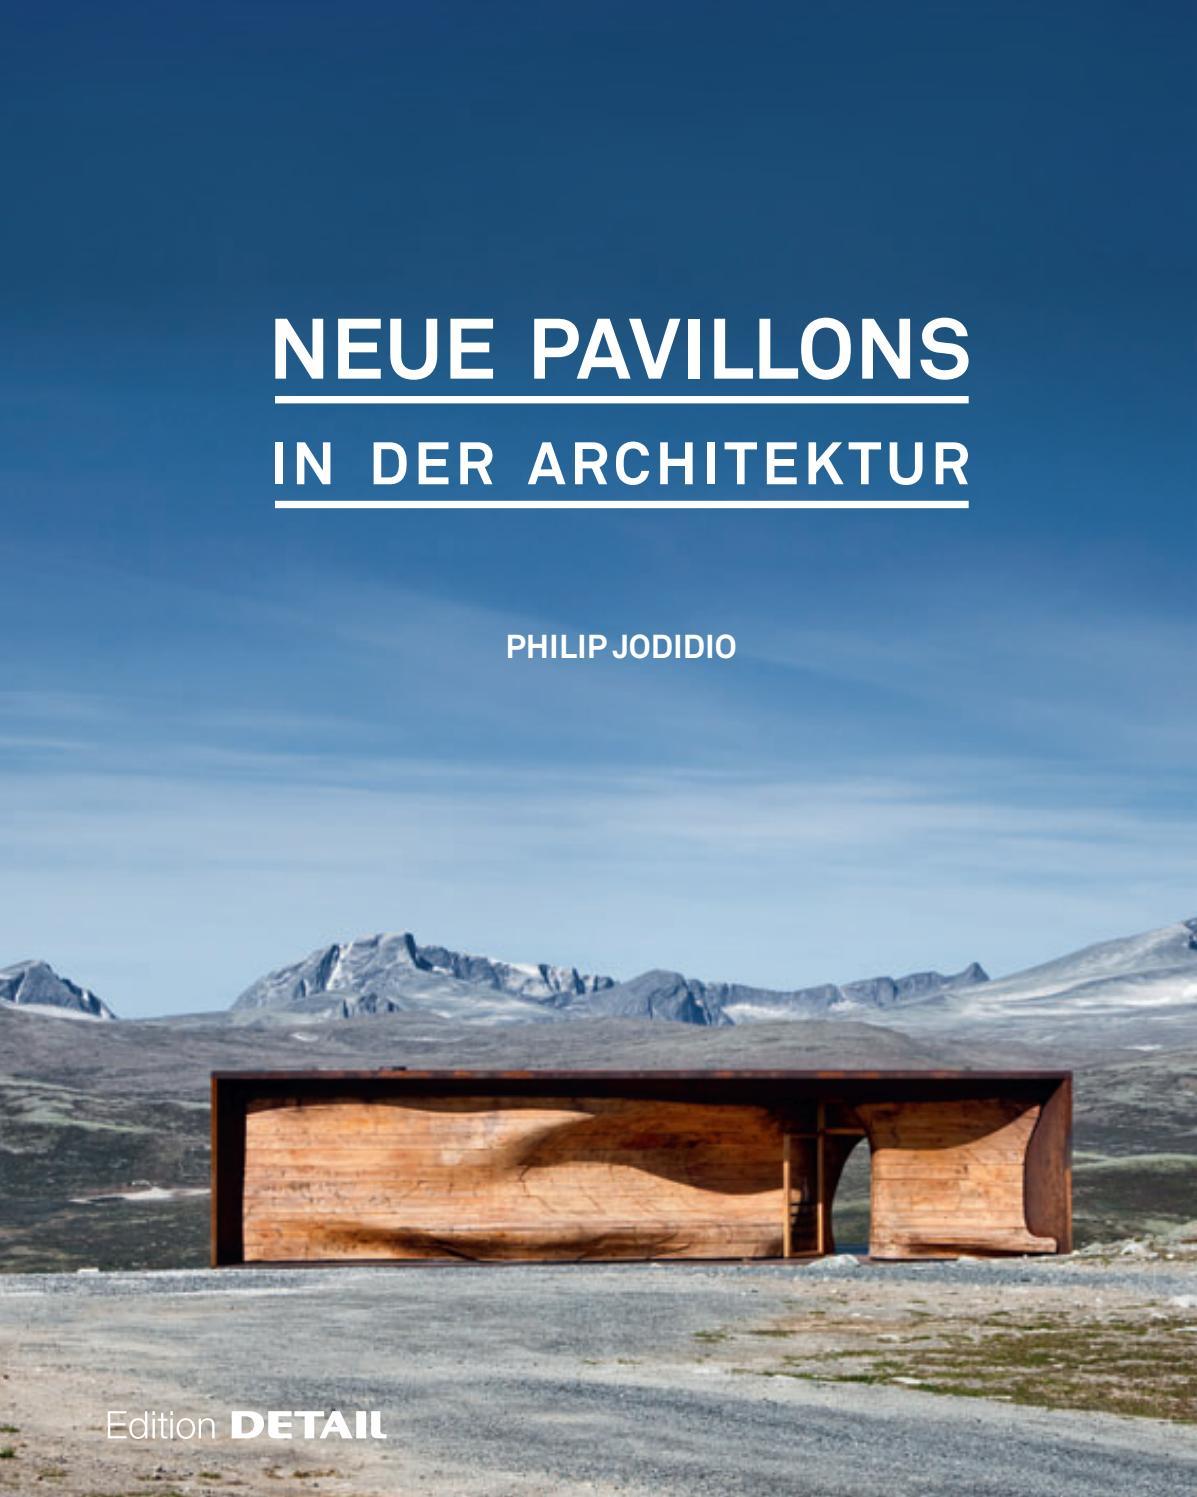 Neue Pavillons in der Architektur by DETAIL - issuu